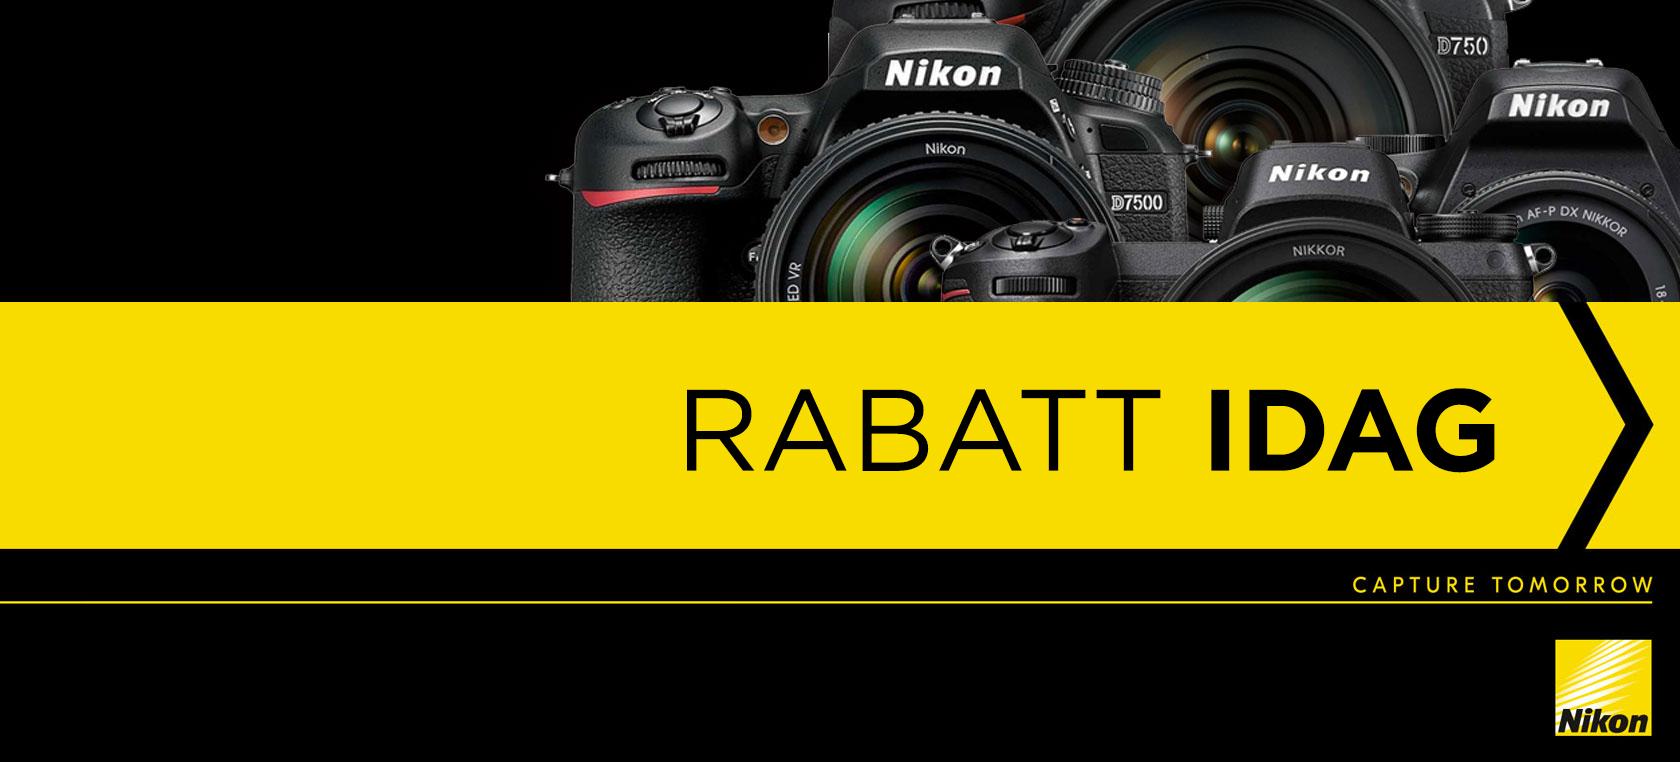 Nikon Rabatt idag